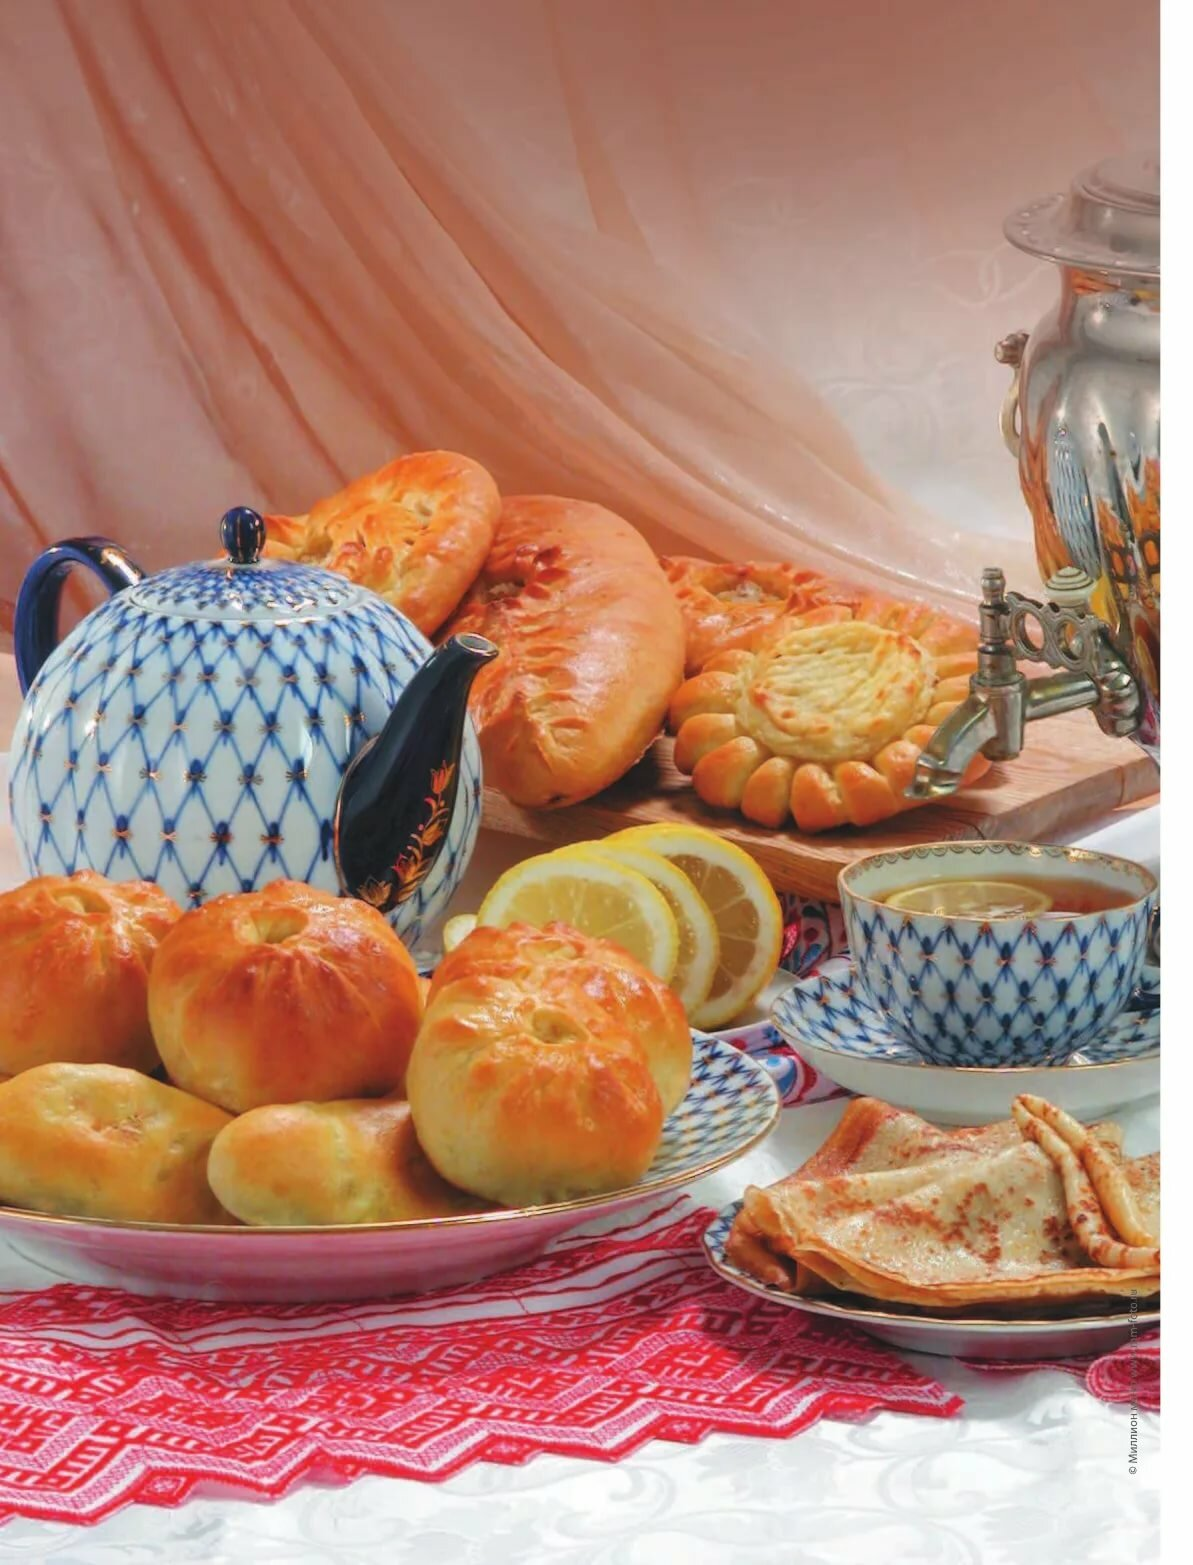 картинки русских национальных блюд имеет подтянутую спортивную